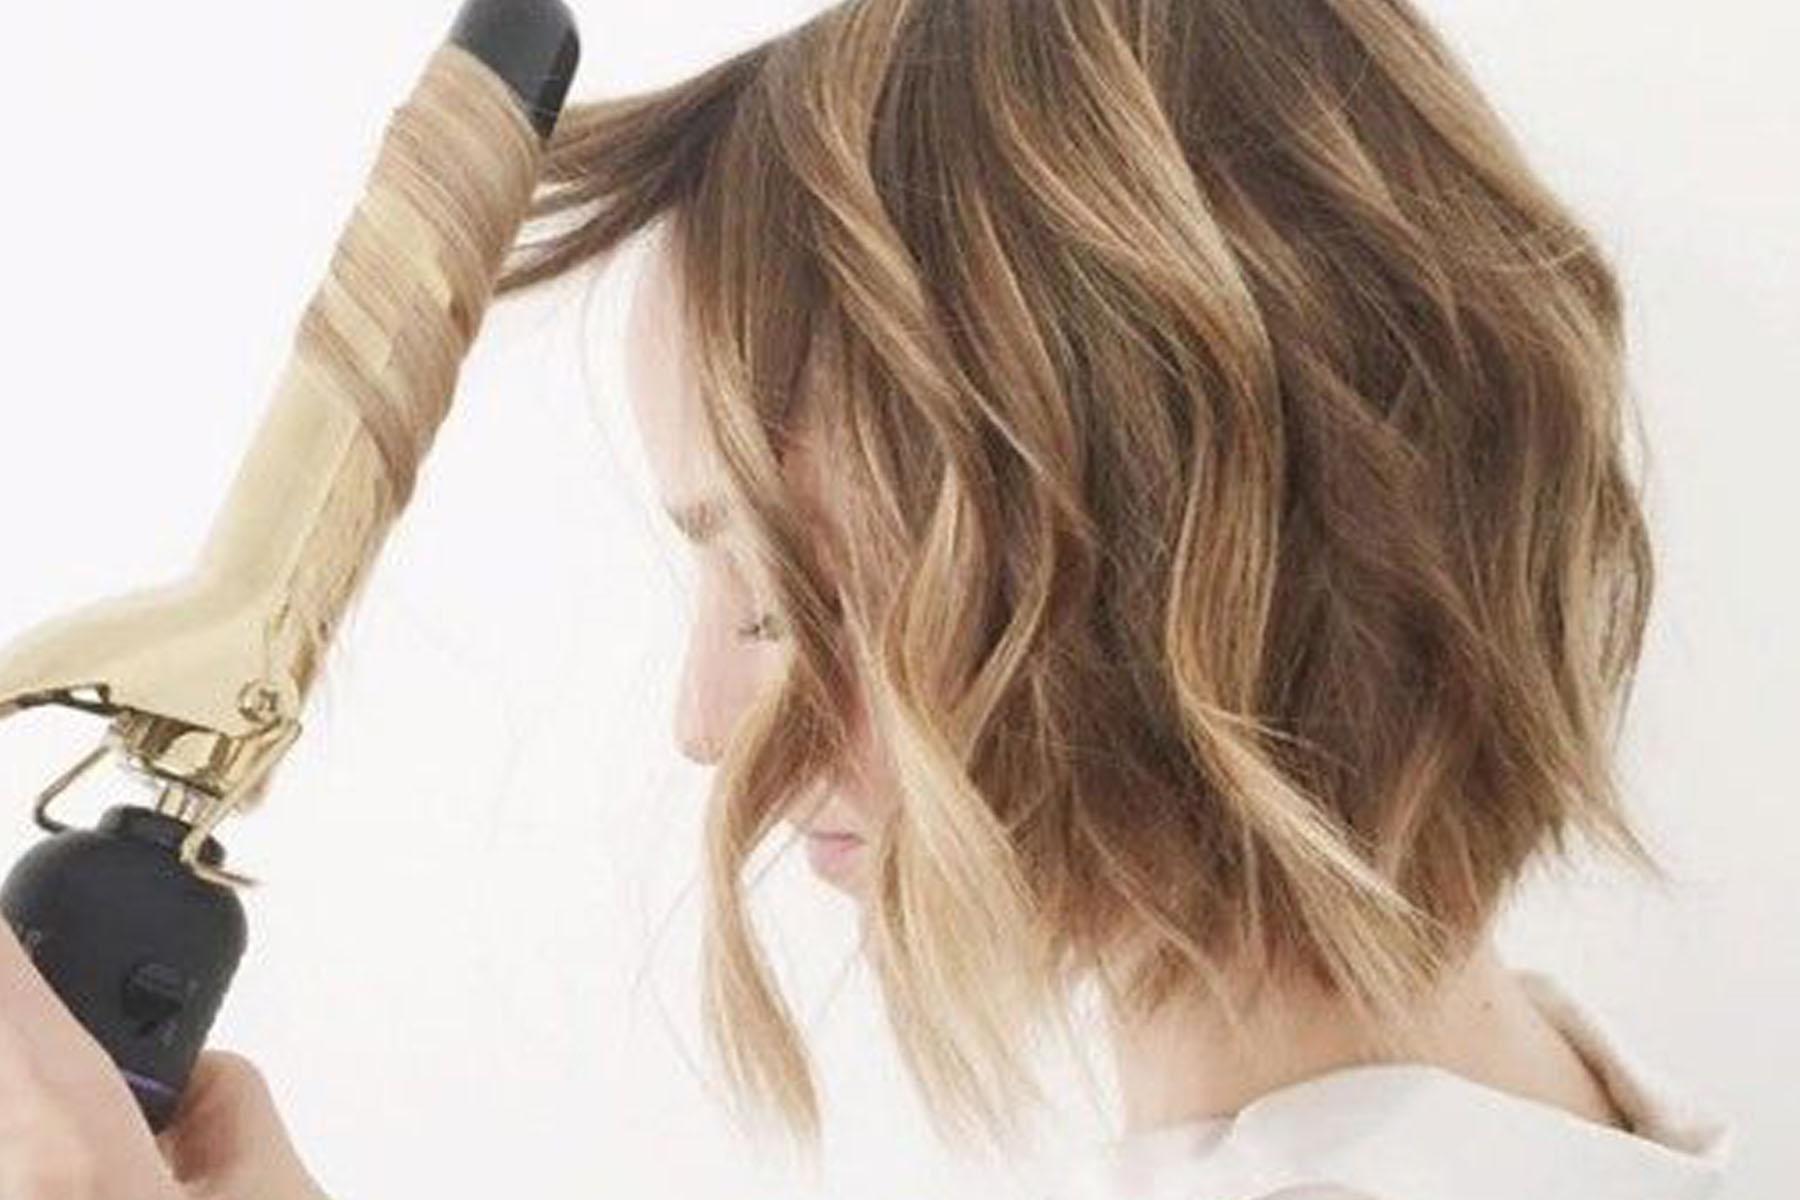 укладка волос утюжком в домашних условиях фото огромным удовольствием